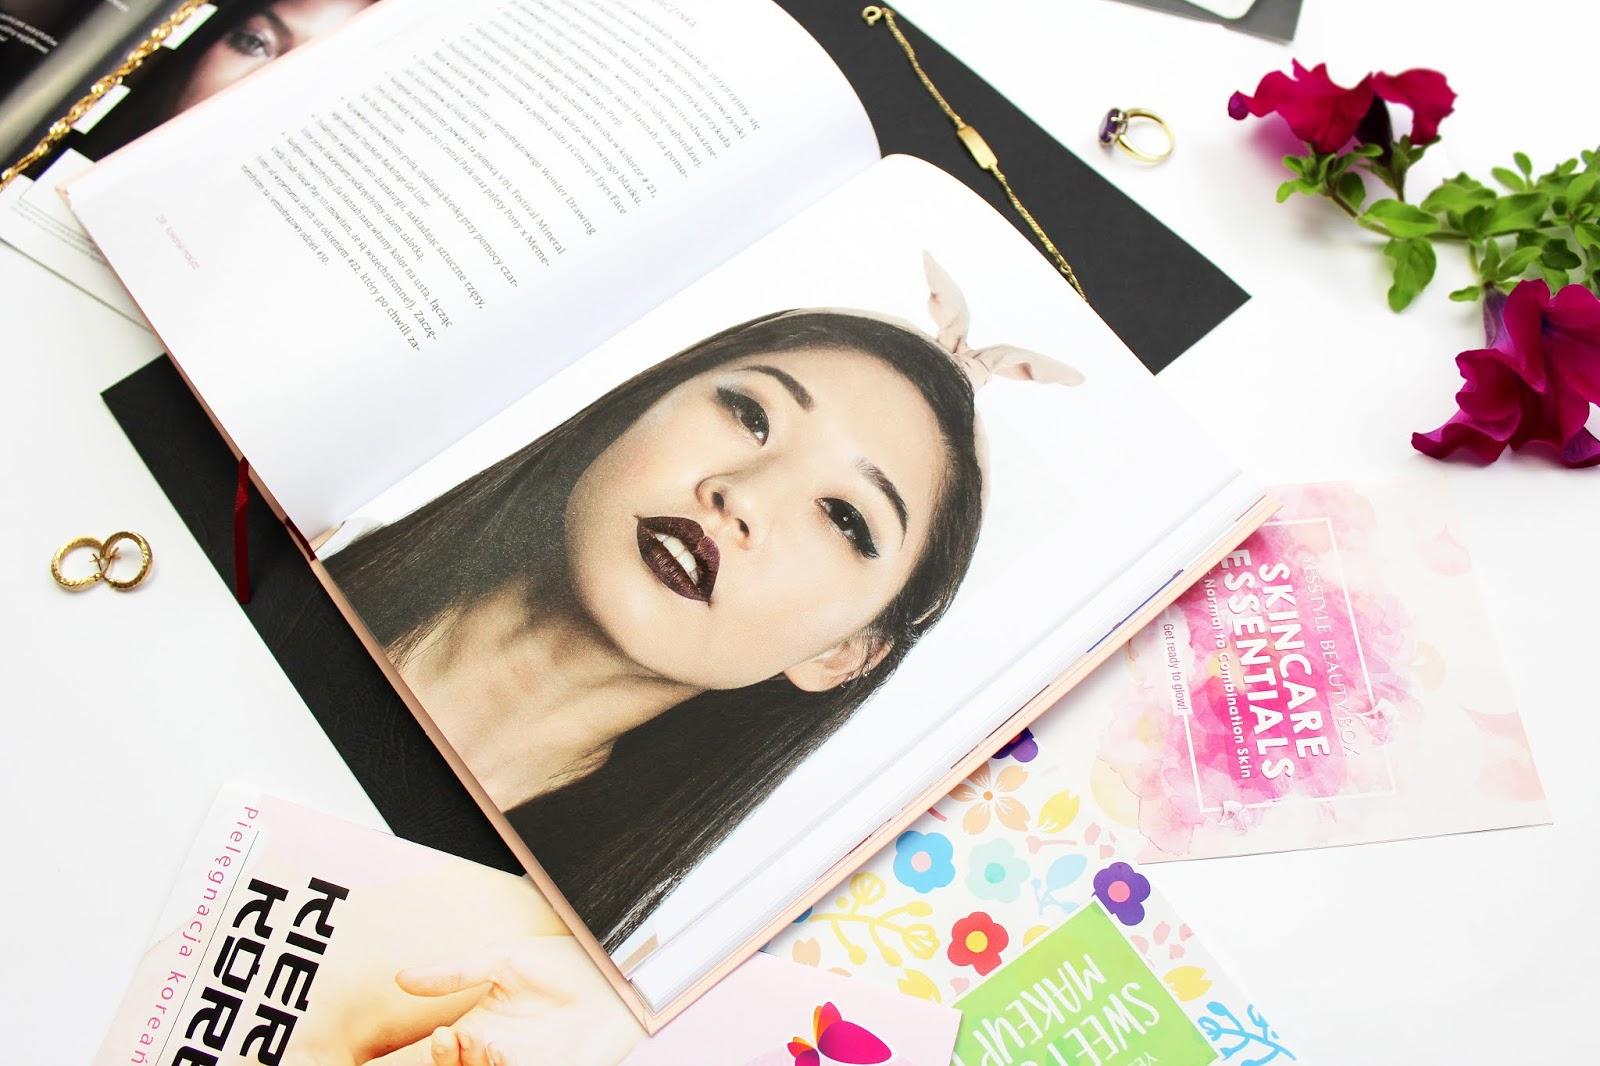 Kerry Thompson i Coco Park - Sekrety koreańskiego piękna. Przełomowy przewodnik po pielęgnacji skóry i makijażu